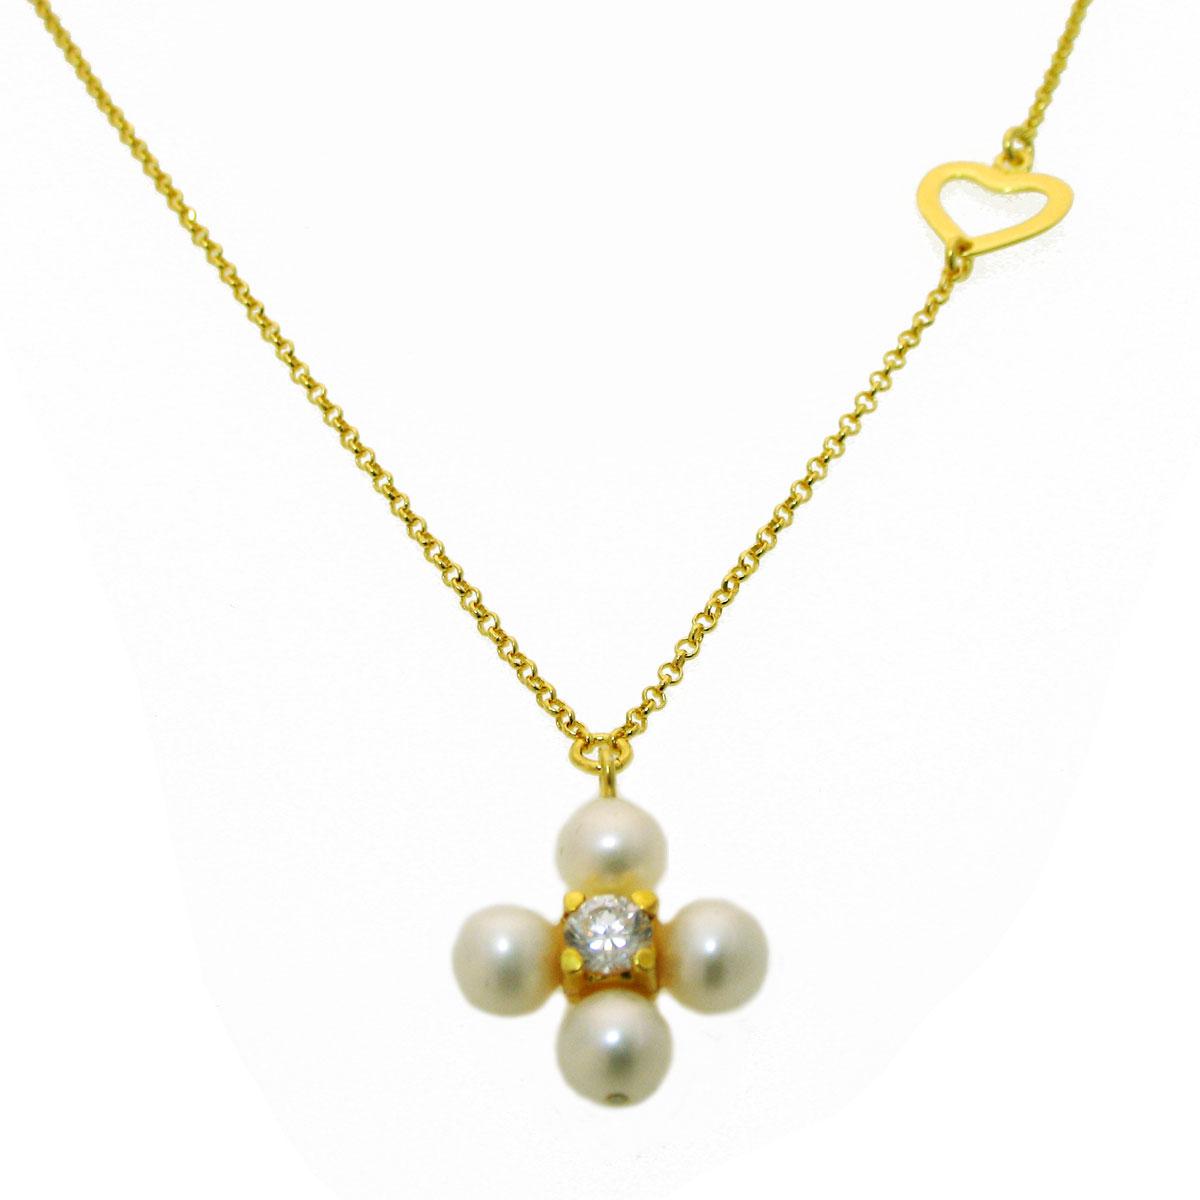 Χειροποίητο κολιέ (Σταυρός) από επιχρυσωμένο ασήμι 925ο με ημιπολύτιμες  πέτρες (Πέρλες και Ζιργκόν).  IJ-040015  3baad8ce4ba